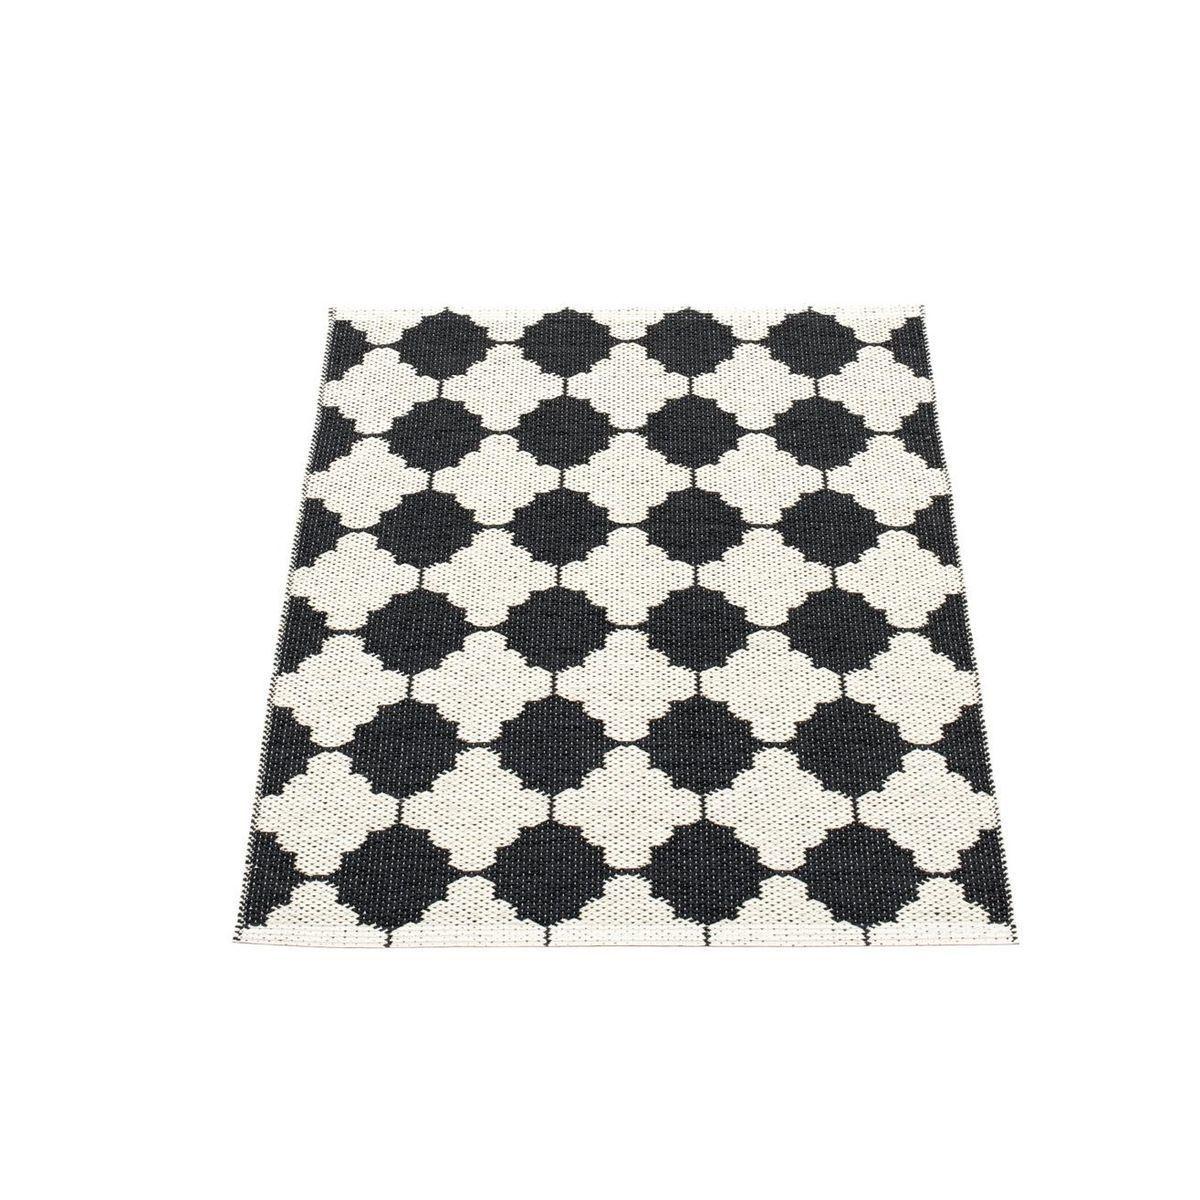 Marre tapis pour l 39 ext rieur 70x90cm pappelina - Tapis pour balcon exterieur ...